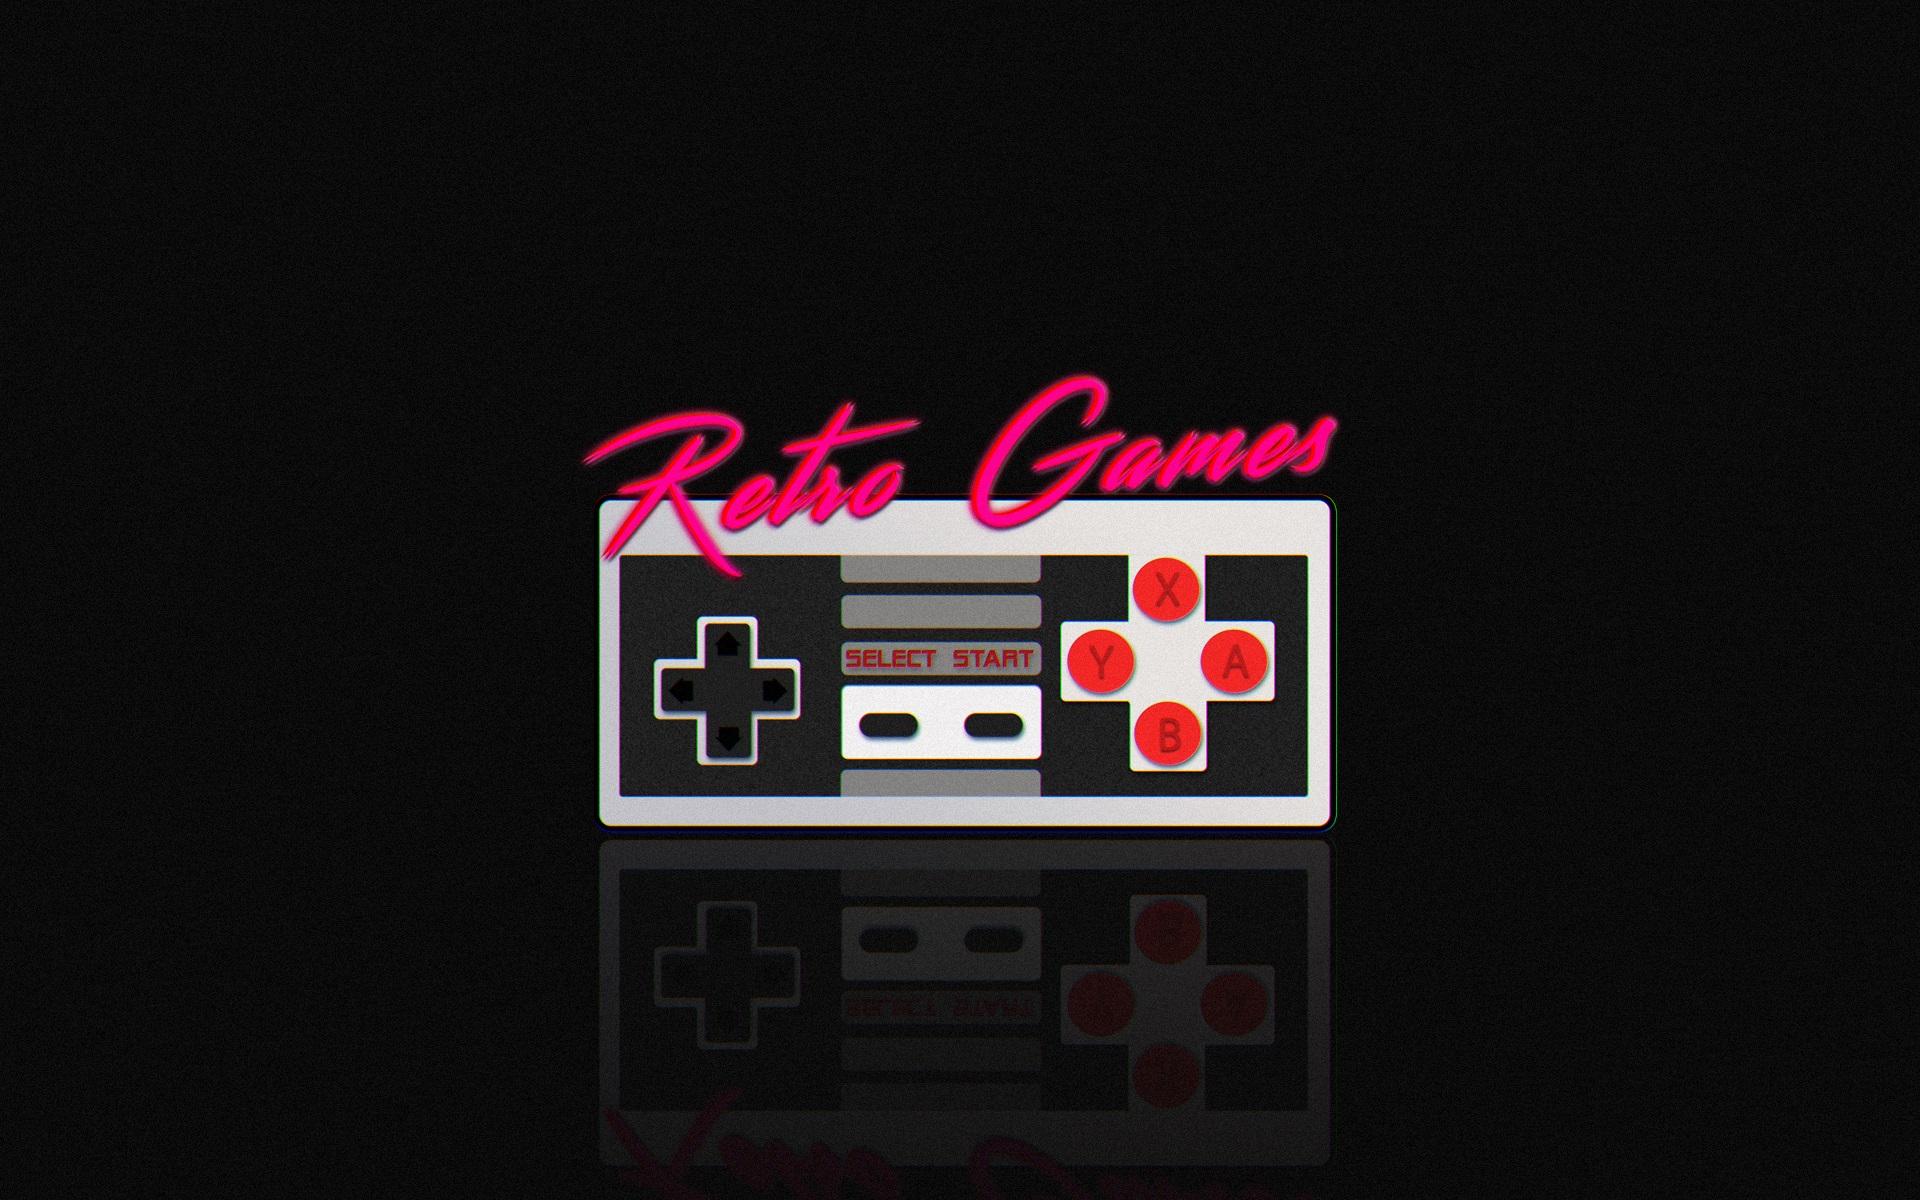 Fondos De Pantalla Retro Juegos Neon Sega Nintendo Ds Vendimia